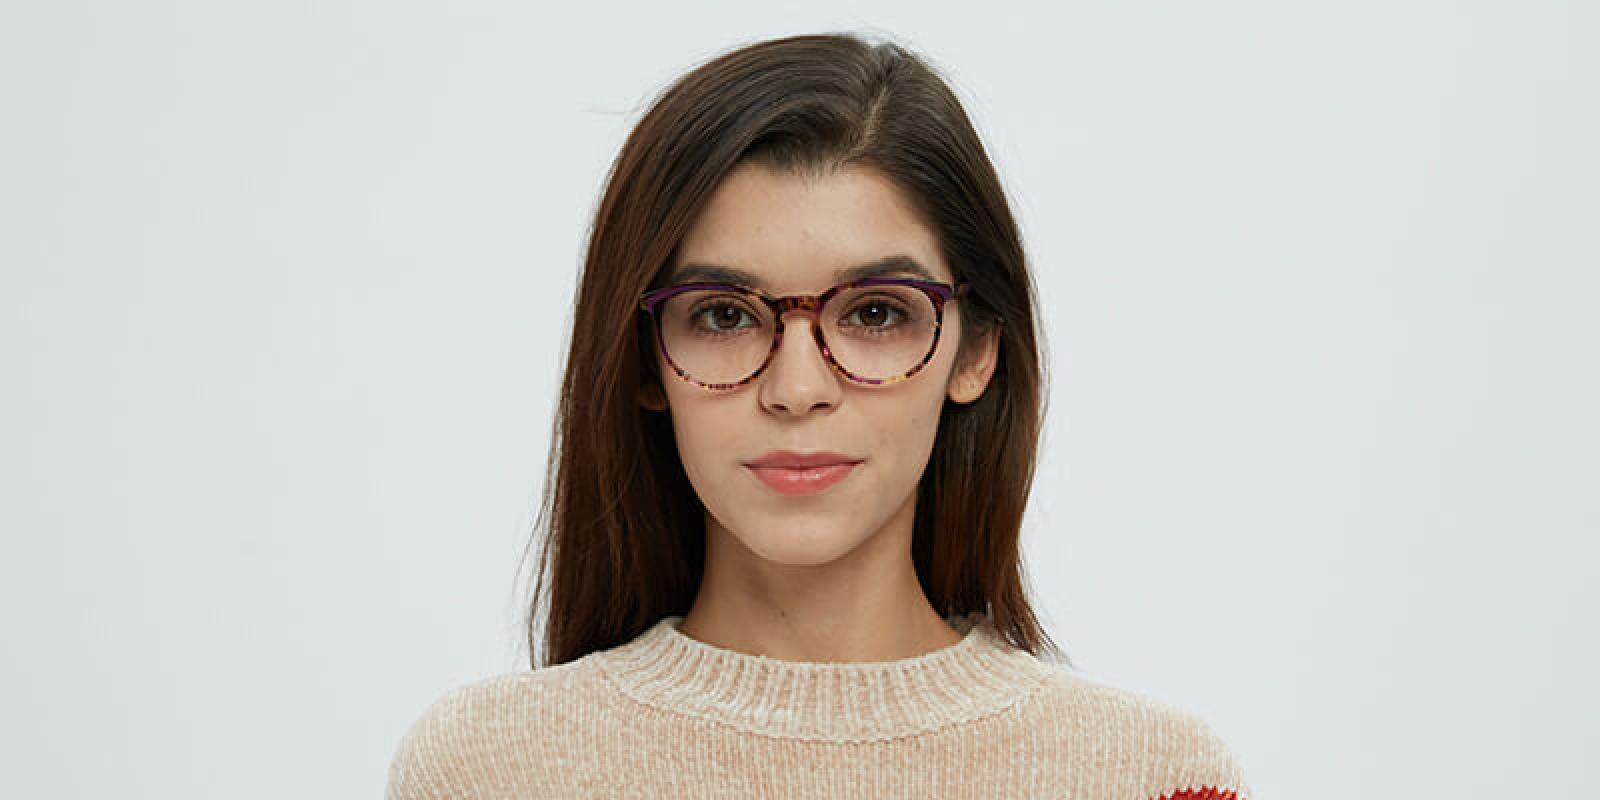 Deborah-Purple-Acetate-Eyeglasses-detail1